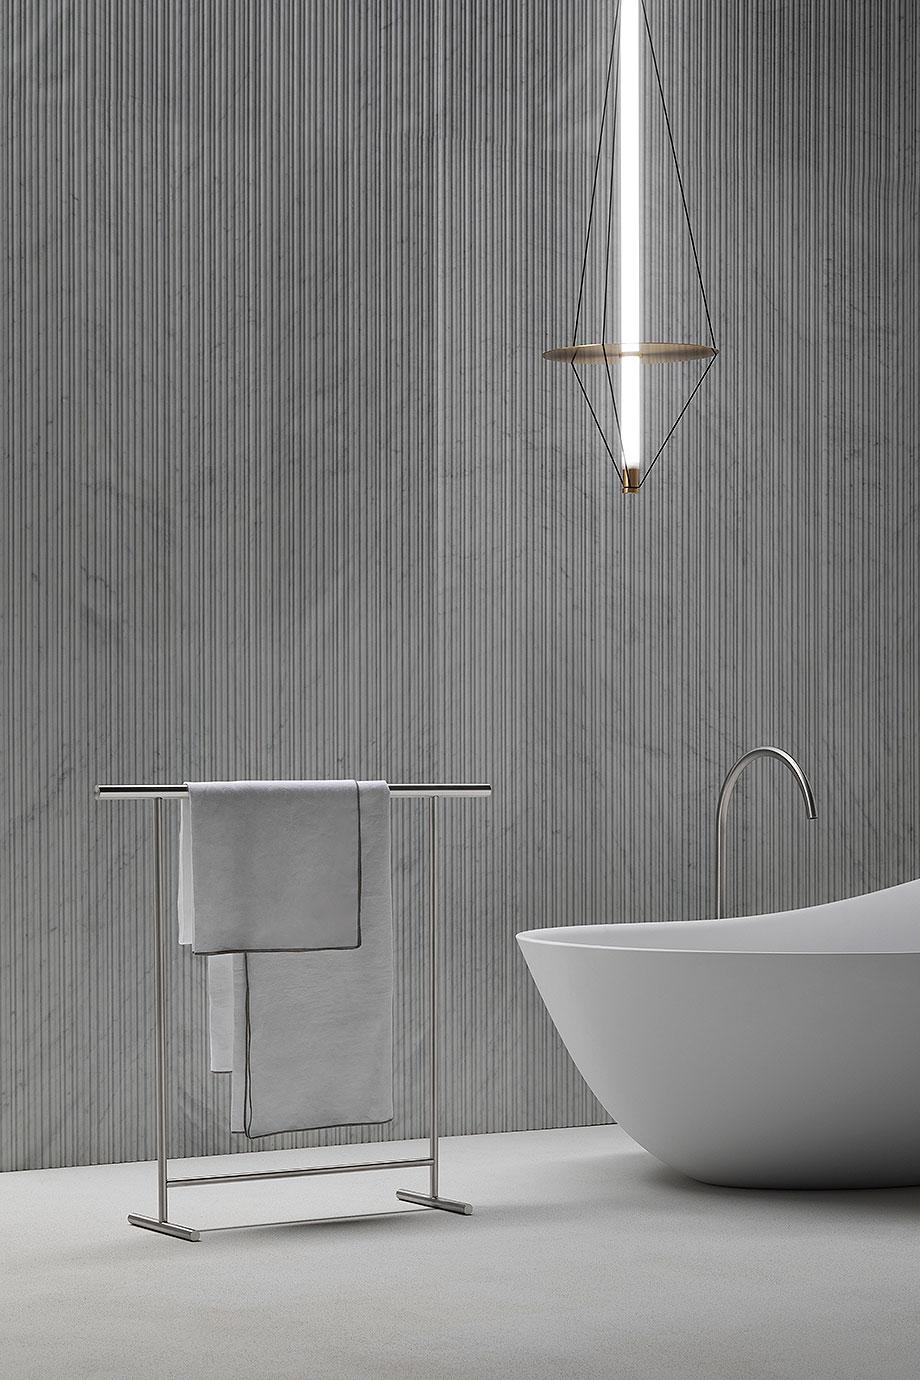 accesorios para baño cilindro de victor vasilev para falper (8) - foto alberto strada